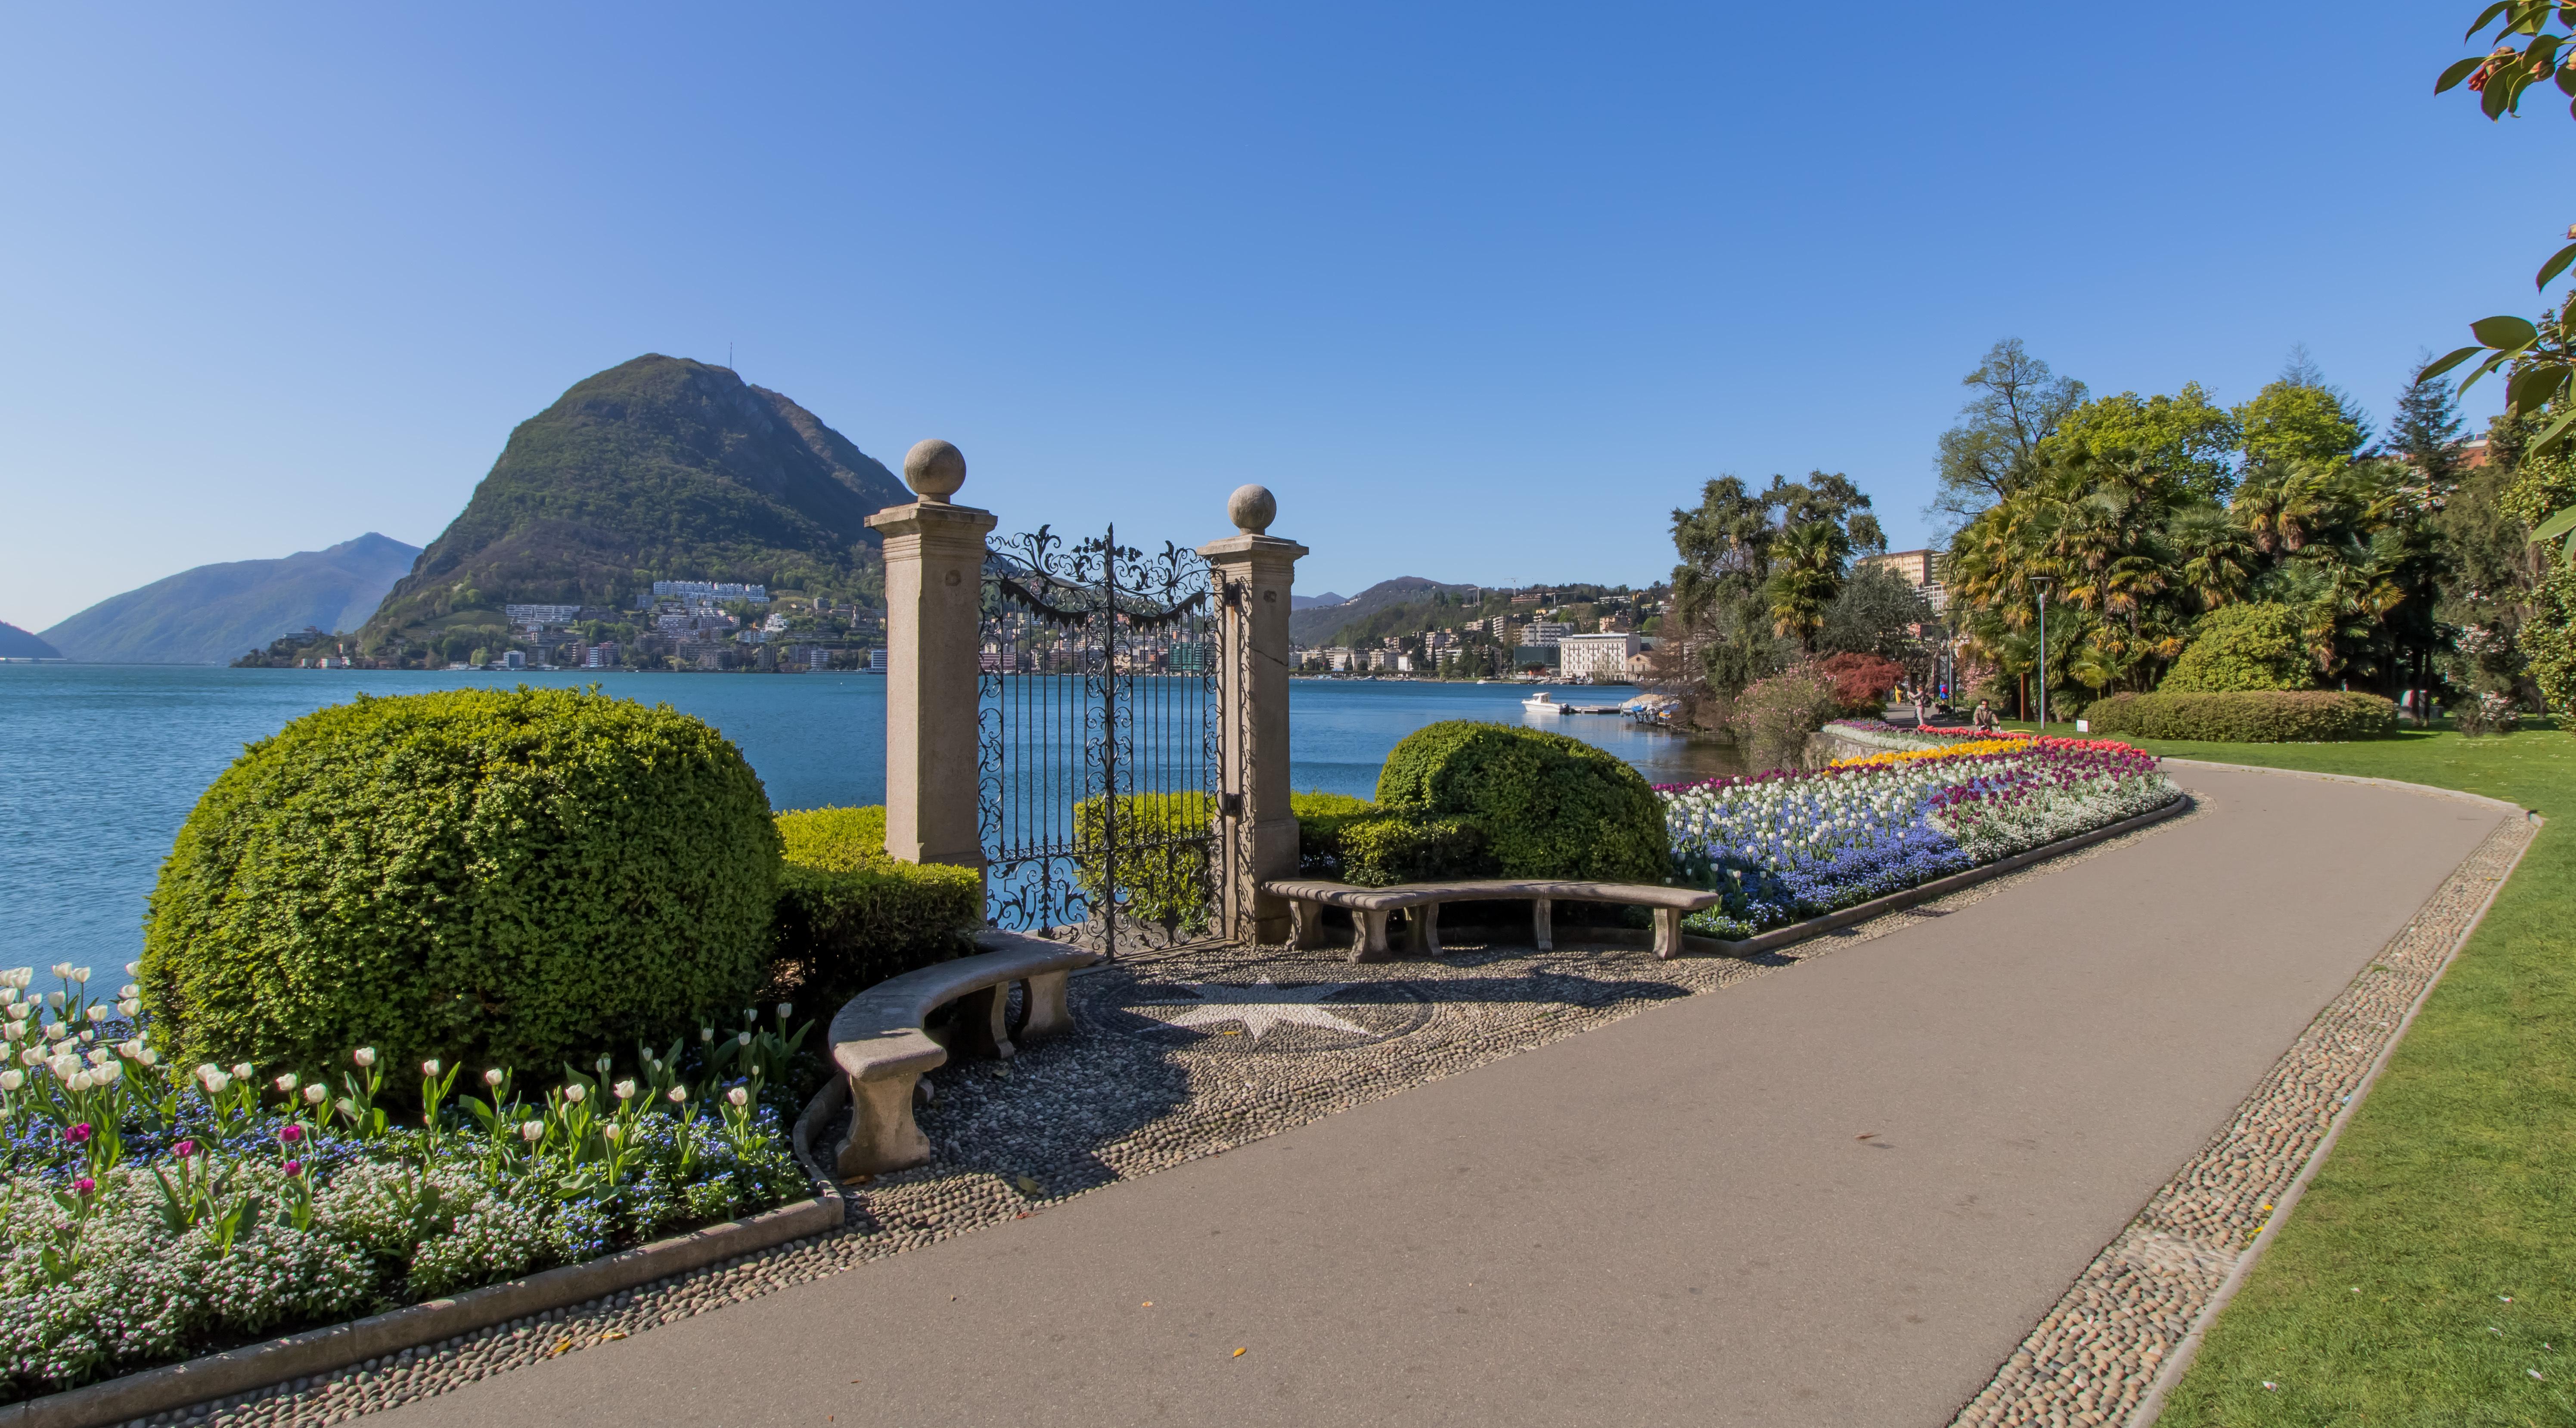 El parque cívico Ciani, un remanso de paz en el corazón de Lugano - Italia Circuito Lagos italianos